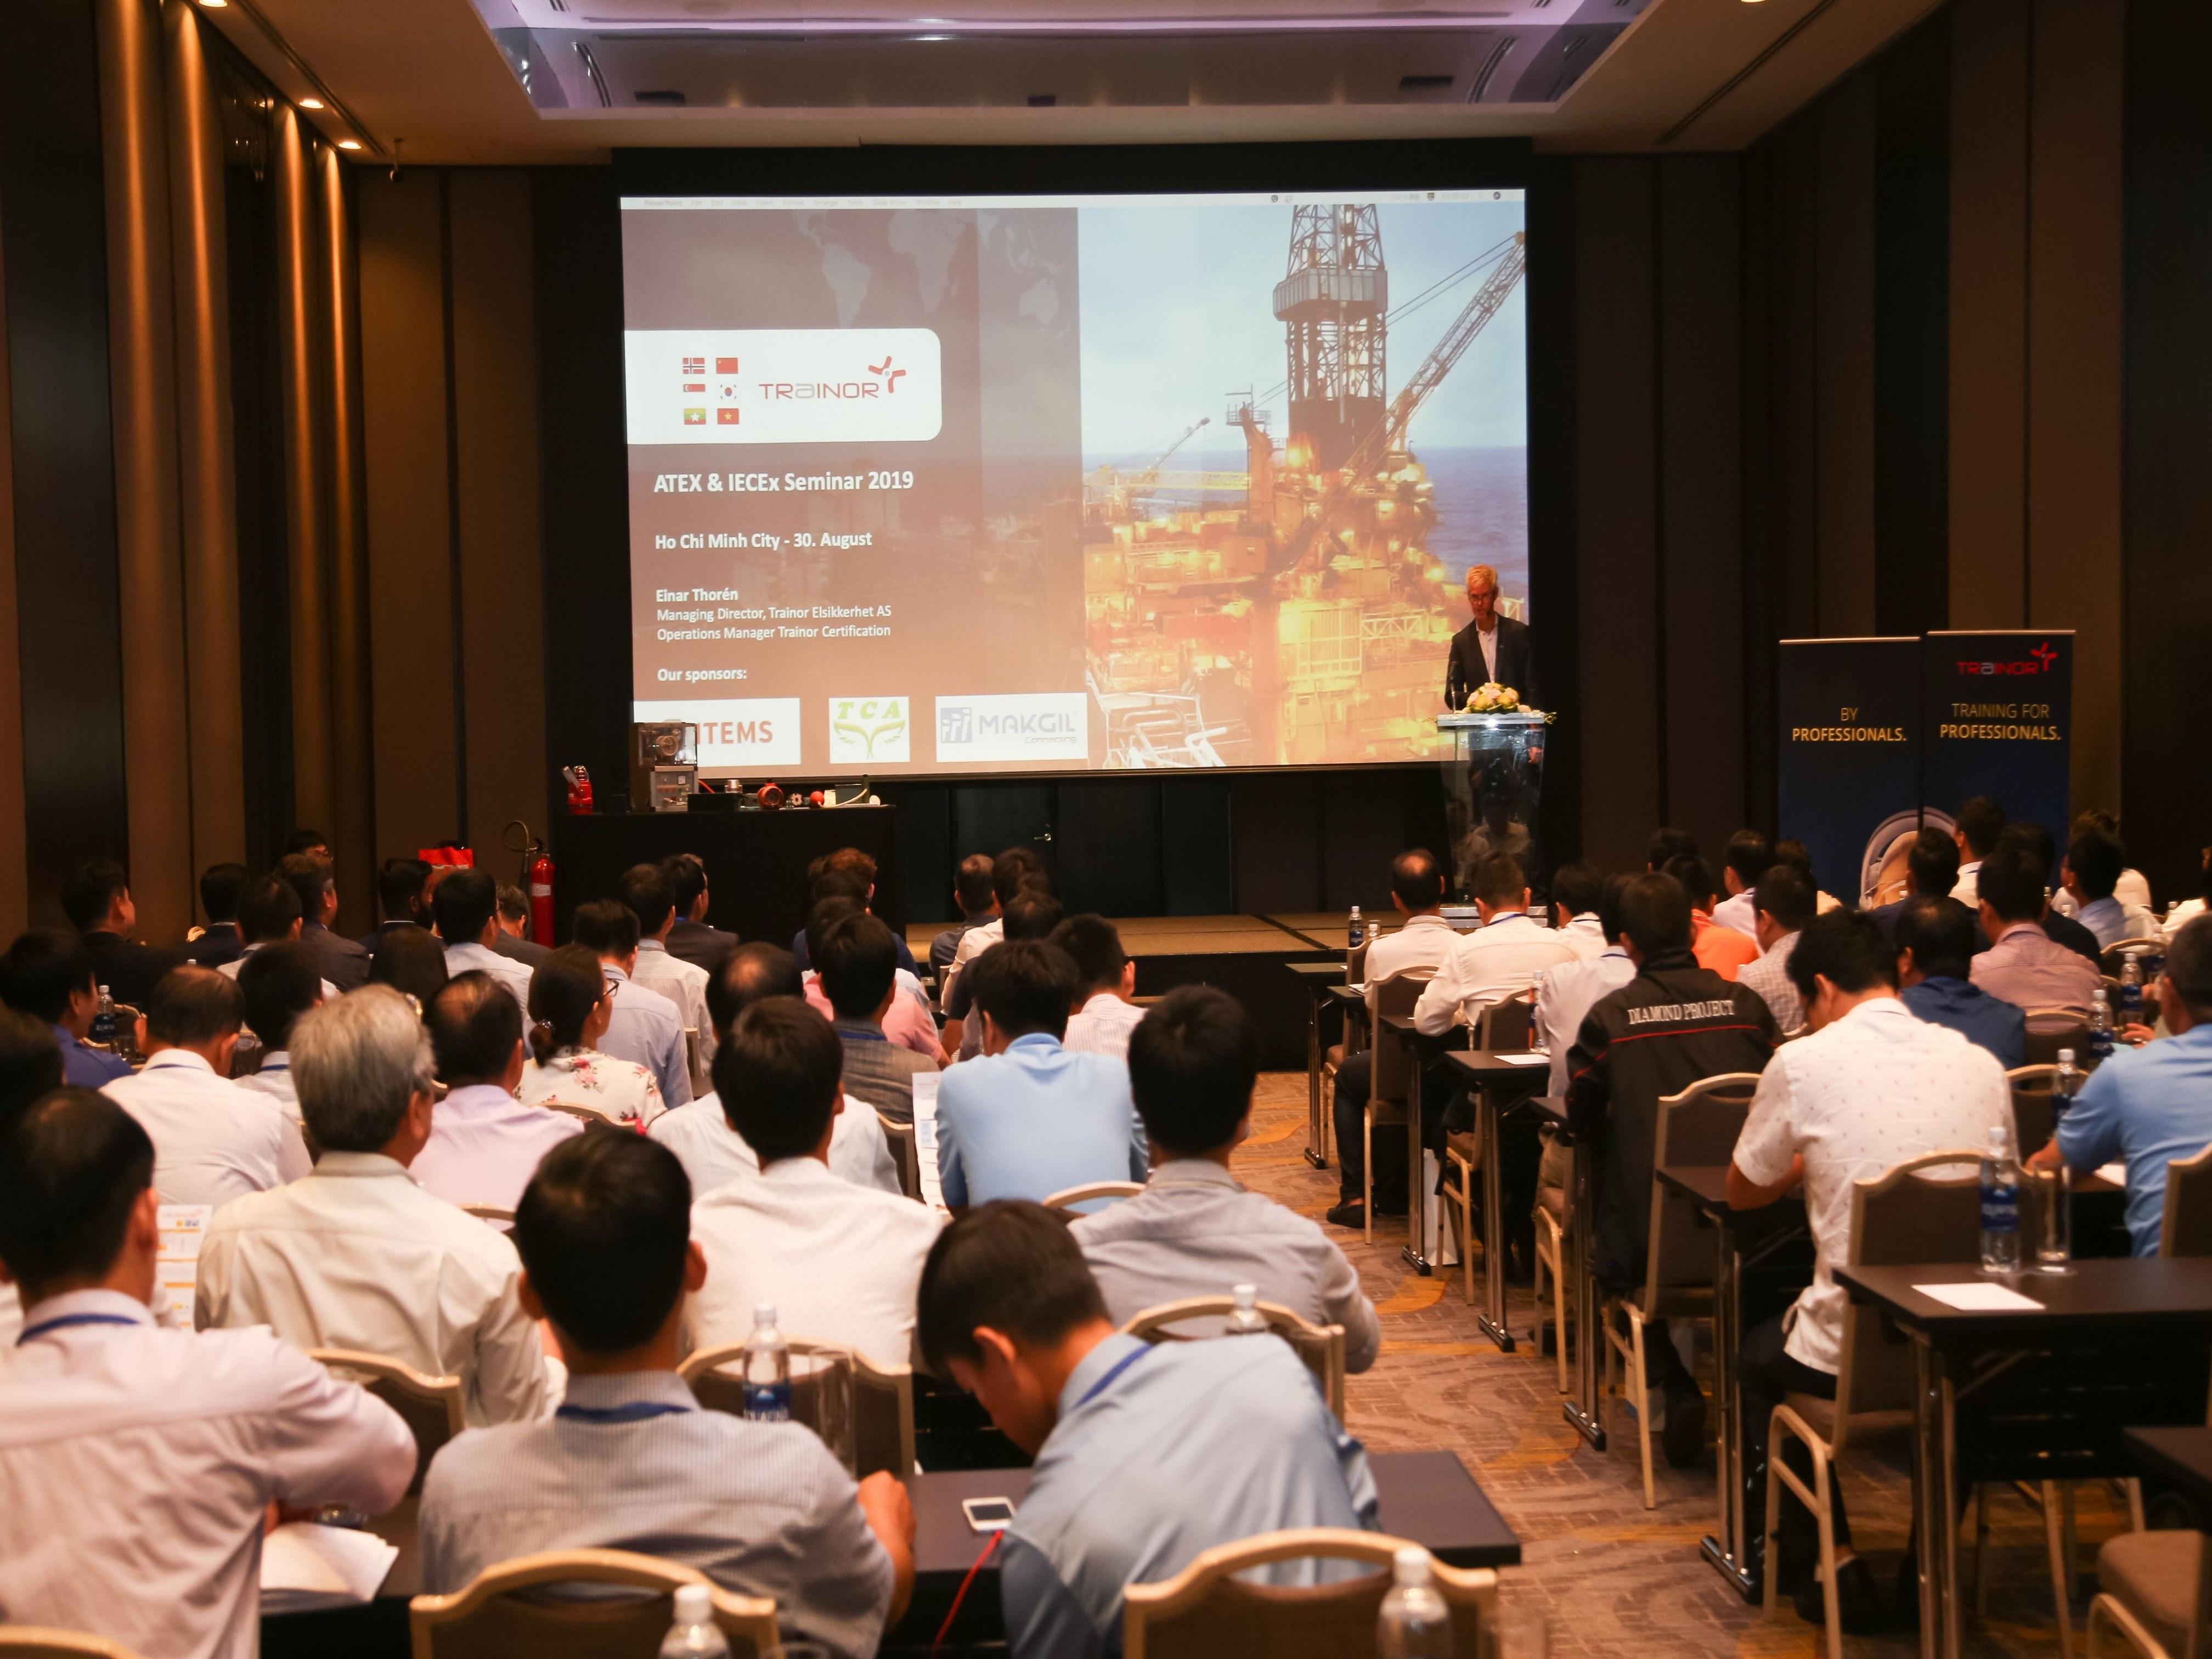 Đại diện công ty Đông Dương tham dự hội thảo ATEX & IECEX 2019 về môi trường làm việc có nguy cơ cháy nổ (Ex)